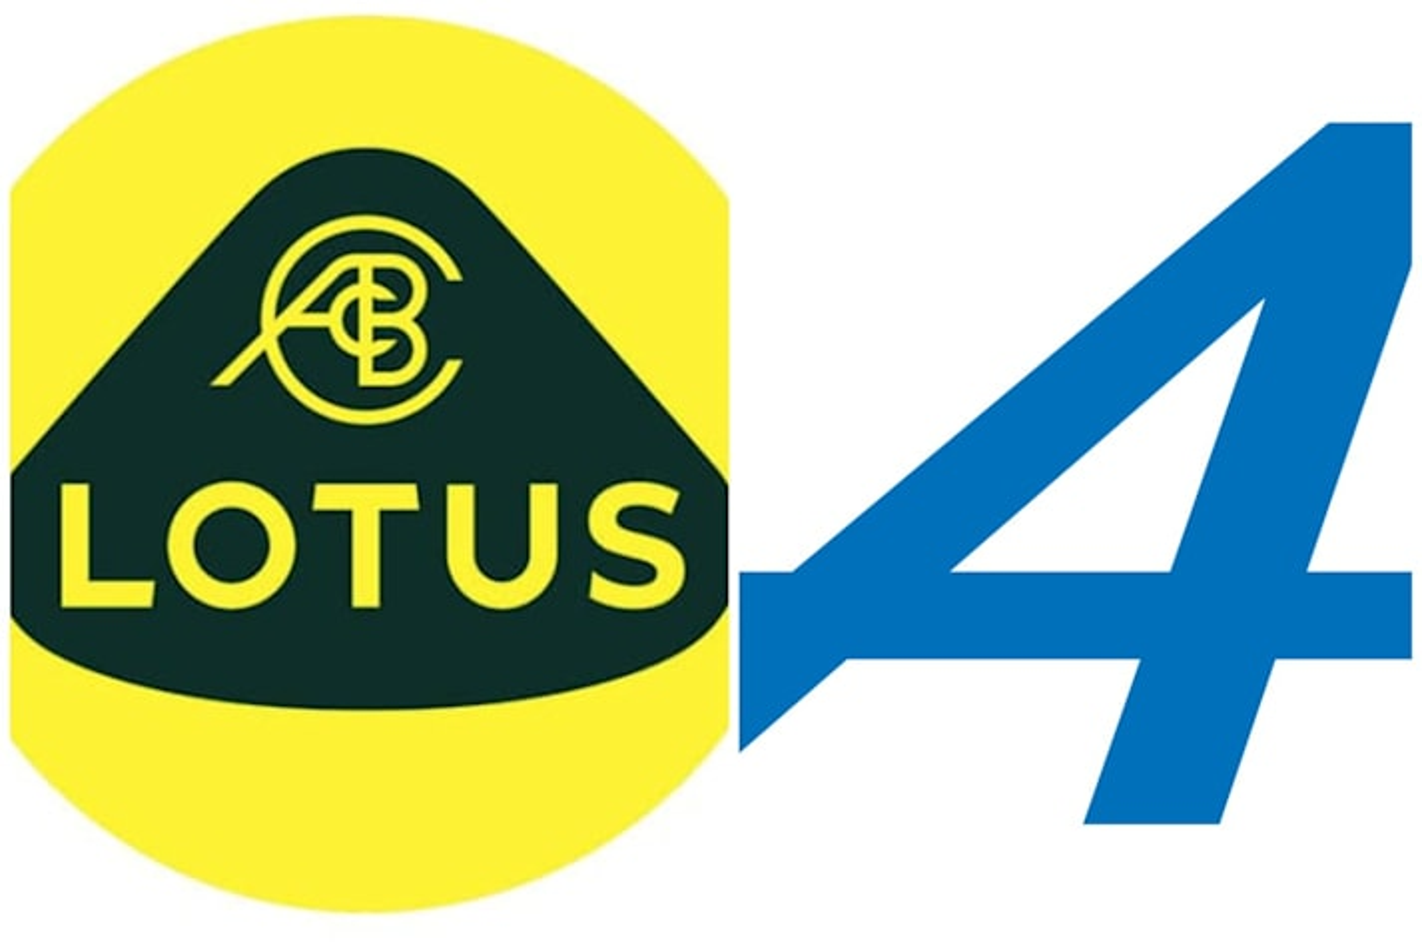 Lotus Alpine EV sportscar